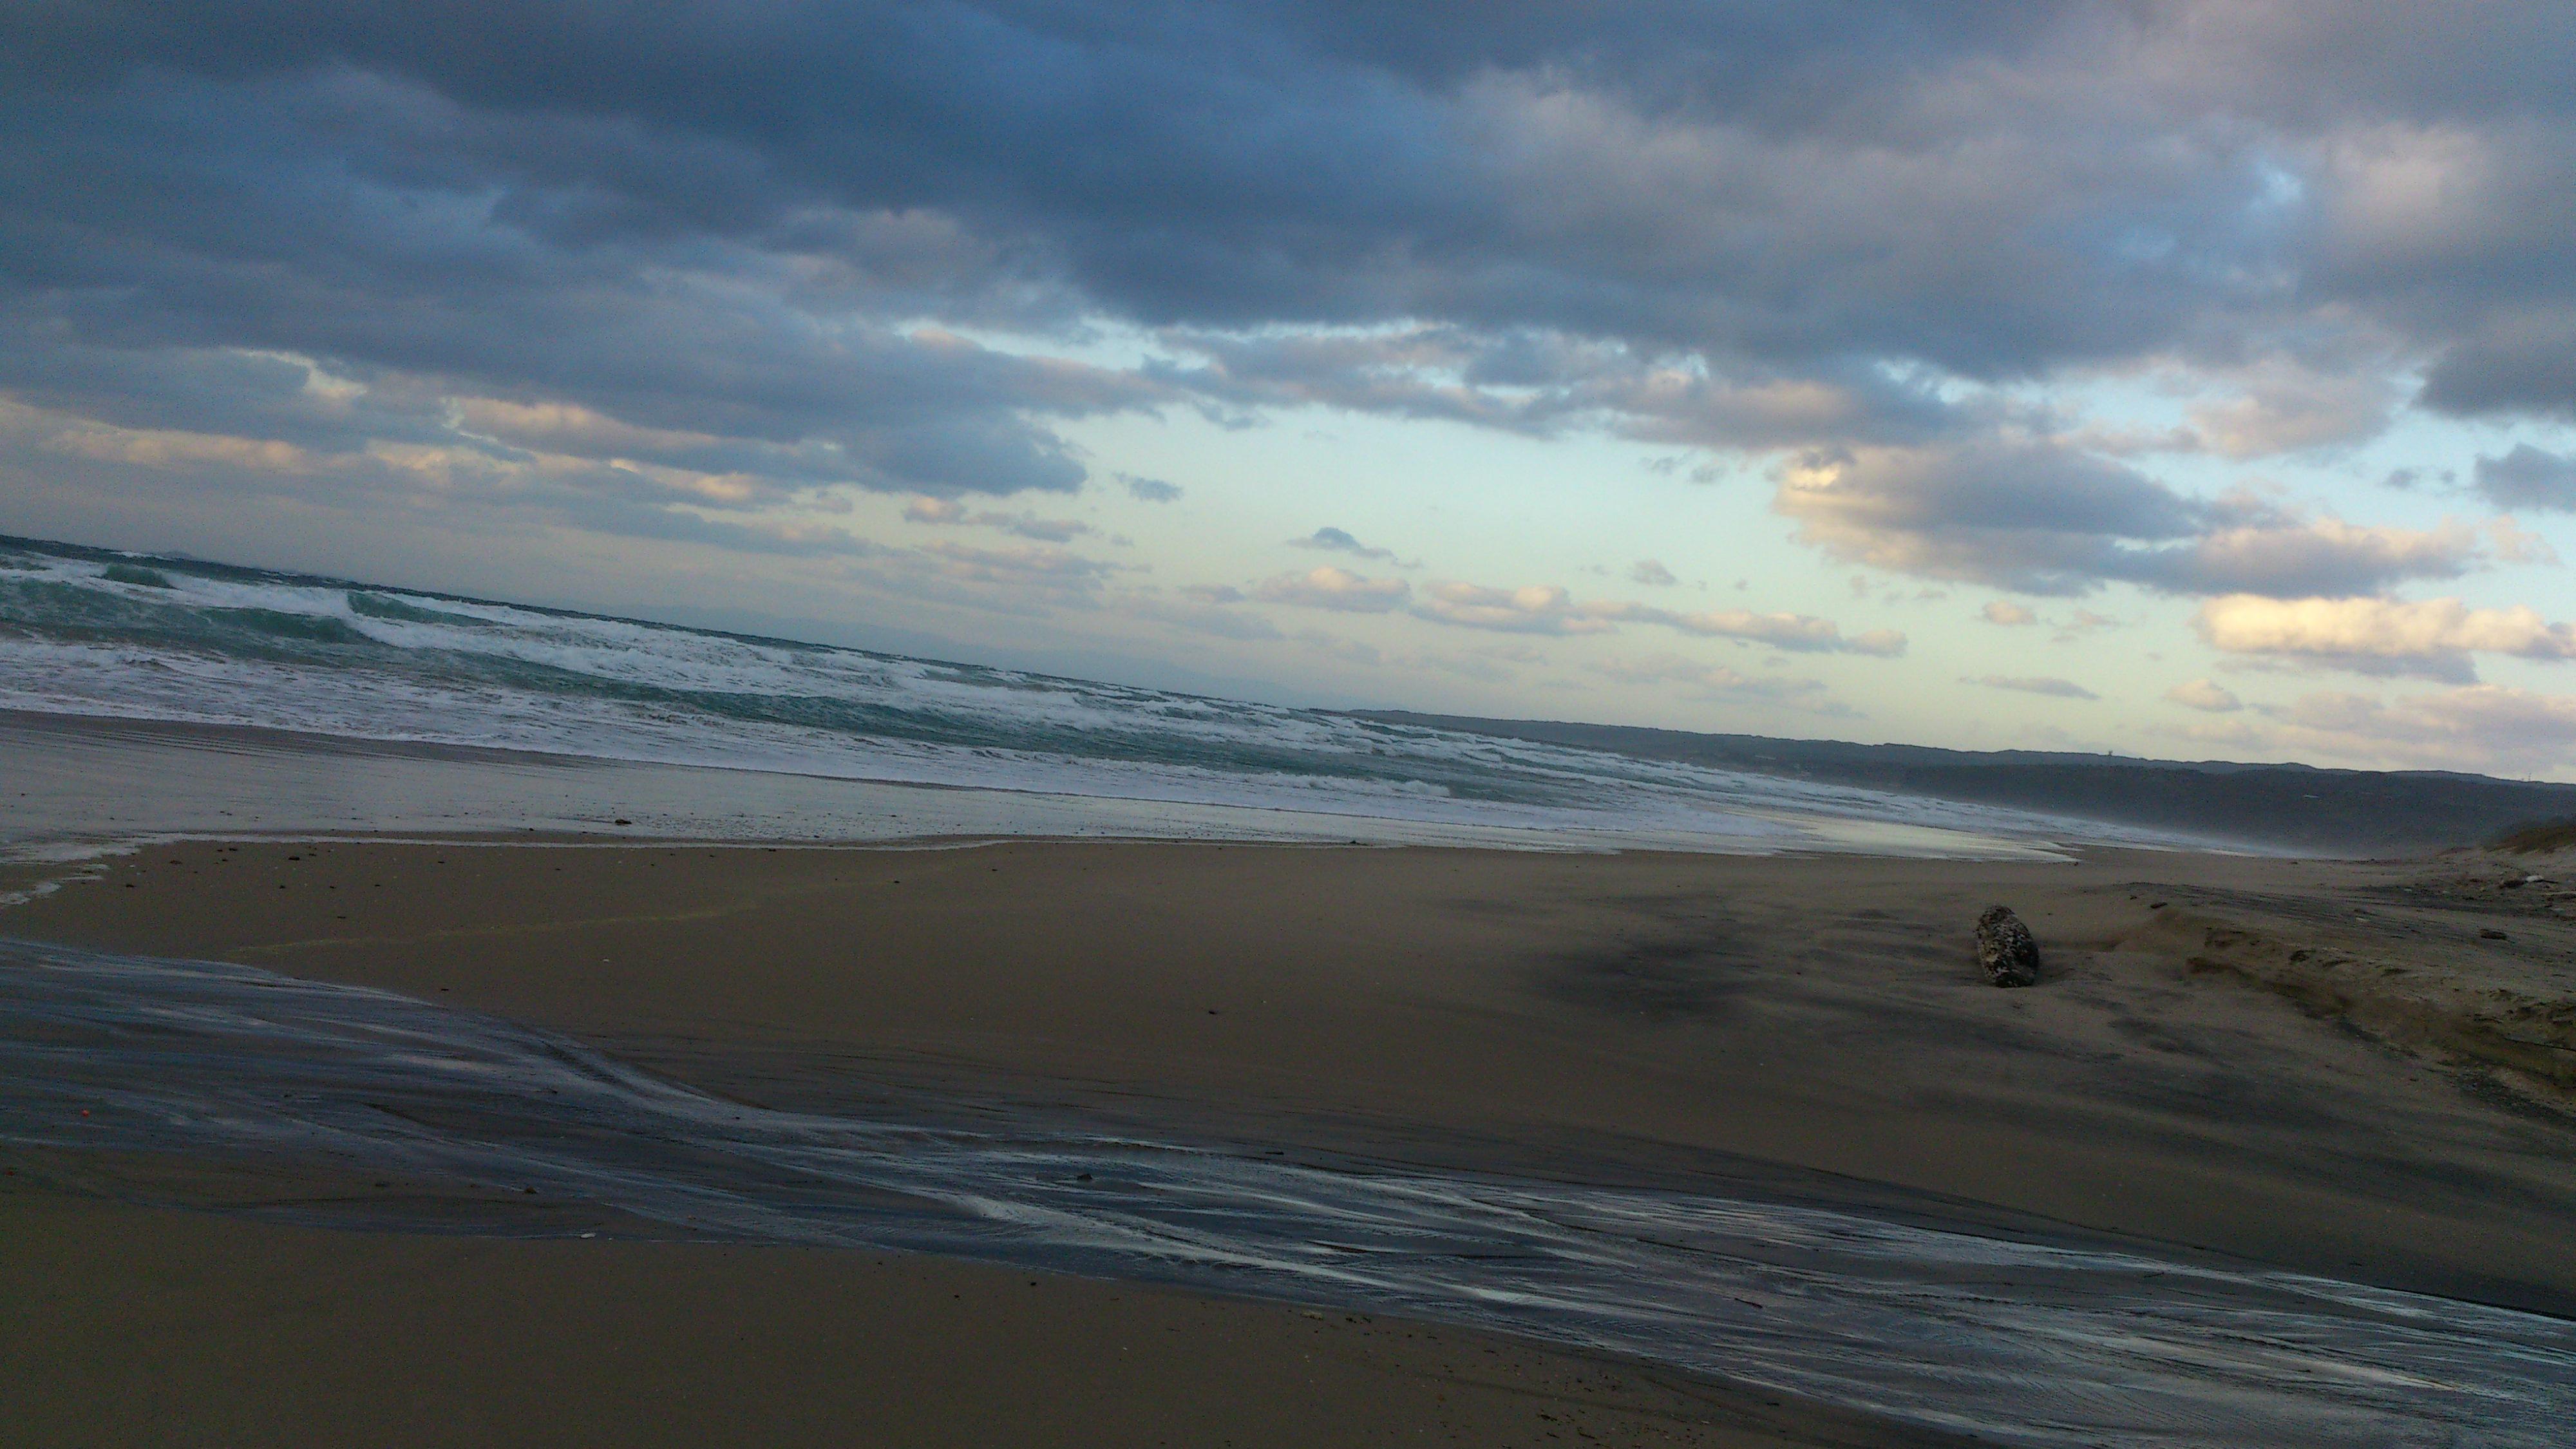 2012年12月。僕は種子島を一人で旅した:種子島の純粋な海